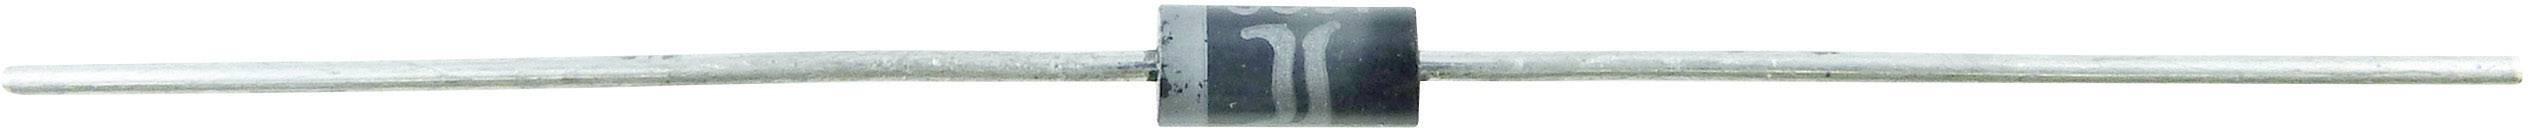 Rýchla Si vysokonapäťová usmerňovacia dióda Diotec HV5 HV5 DO-15, 200 mA, 5000 V